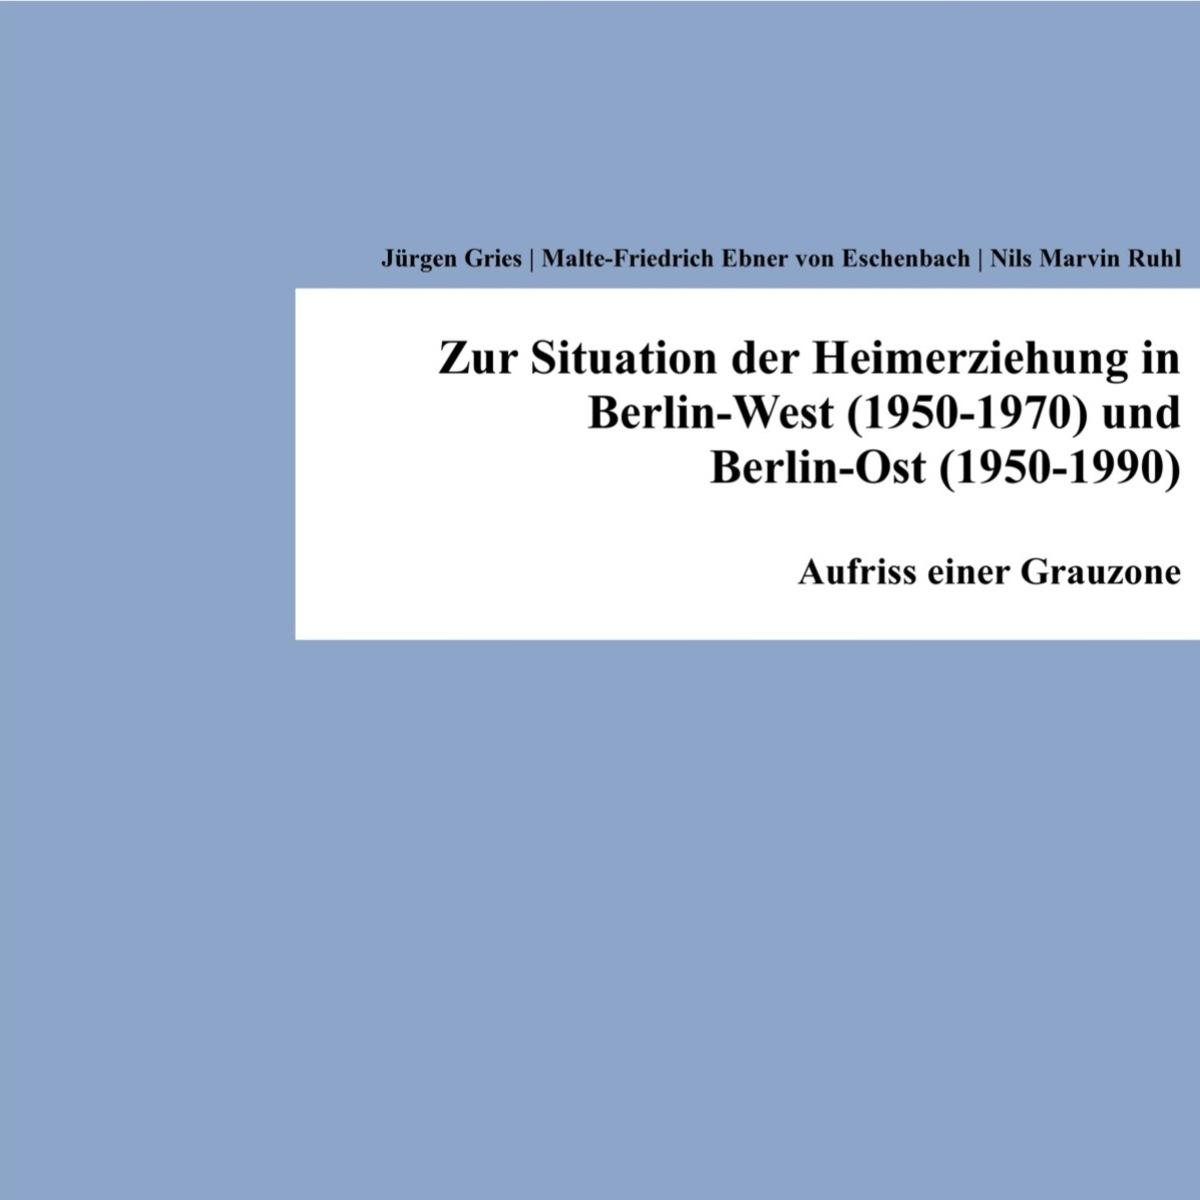 Jurgen Gries Zur Situation der Heimerziehung in Berlin-West (1950-1970) und Berlin-Ost (1950-1990)